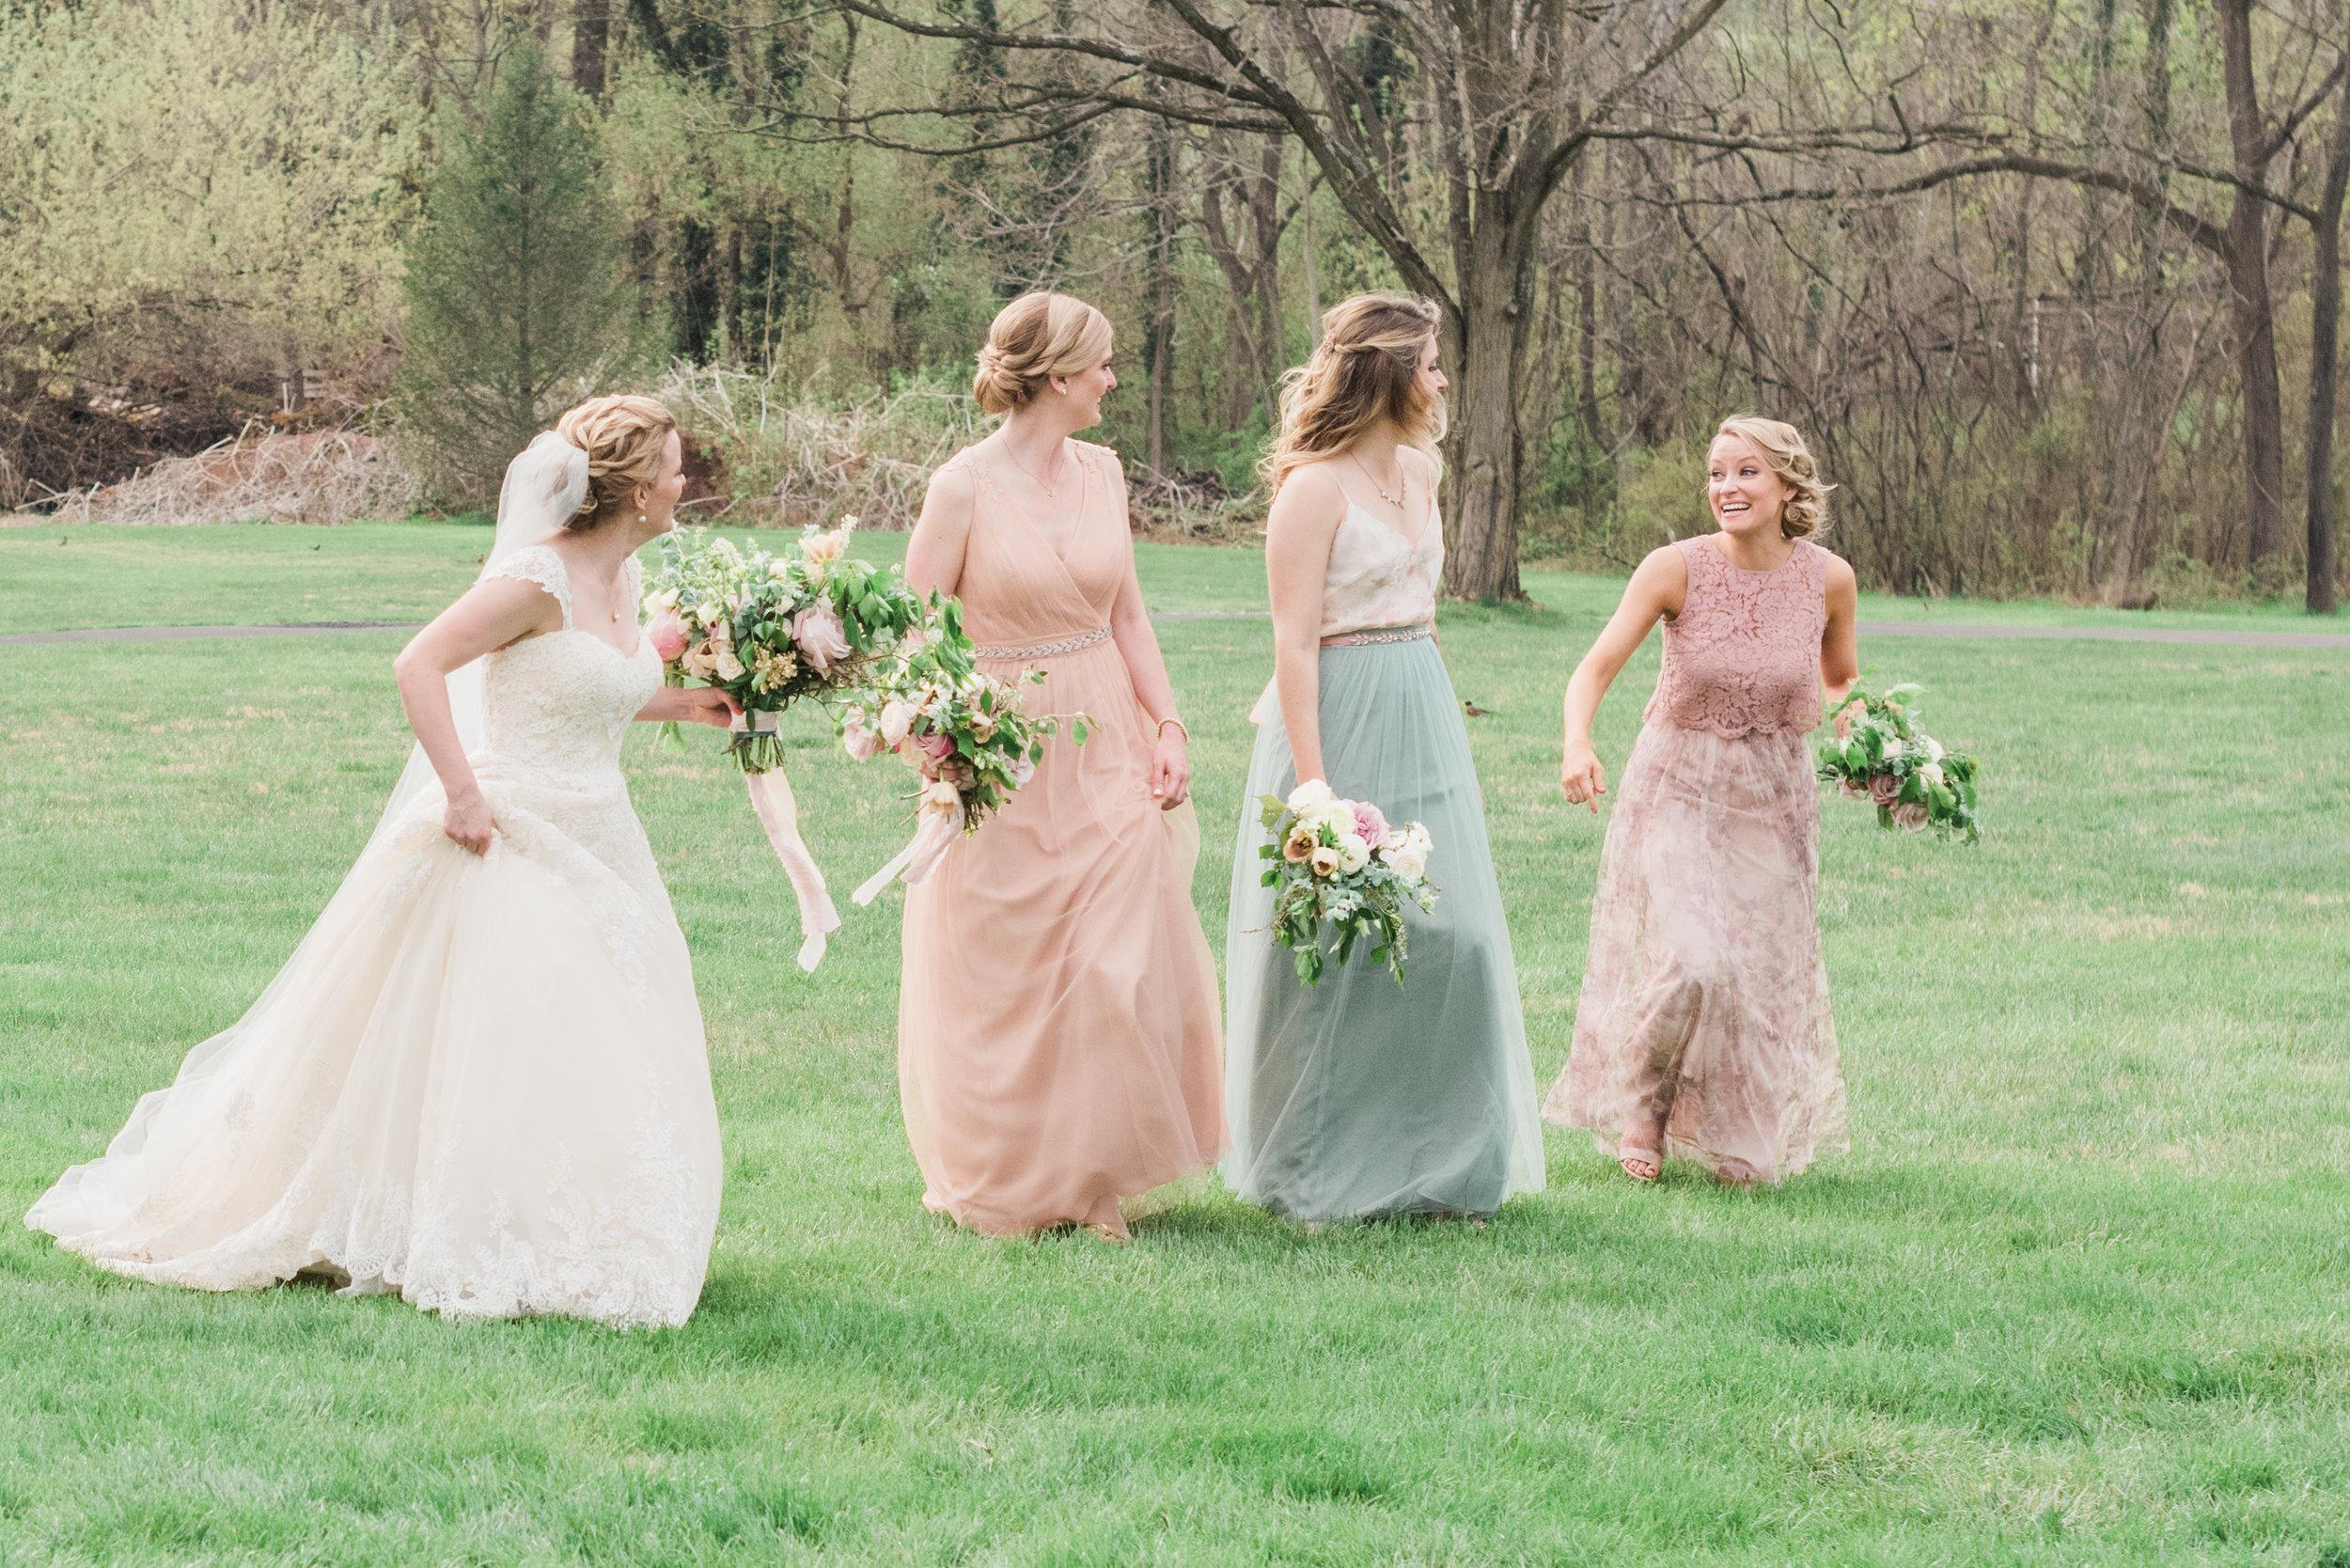 msp_CourtneyAndJamie_WeddingParty-54.jpg